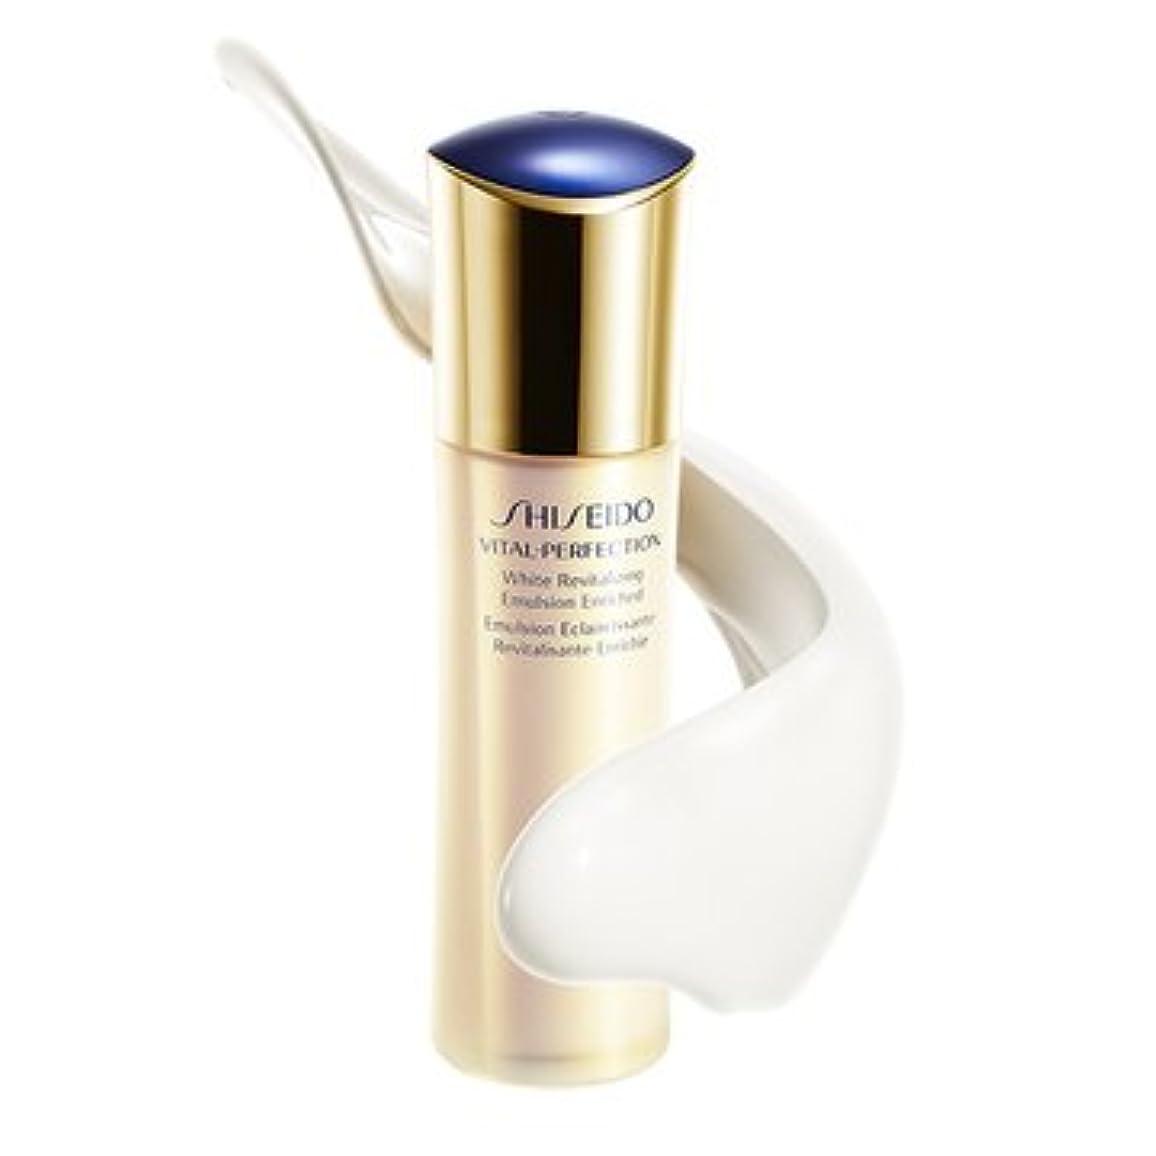 九リゾート寝る資生堂/shiseido バイタルパーフェクション/VITAL-PERFECTION ホワイトRV エマルジョン(医薬部外品)美白乳液